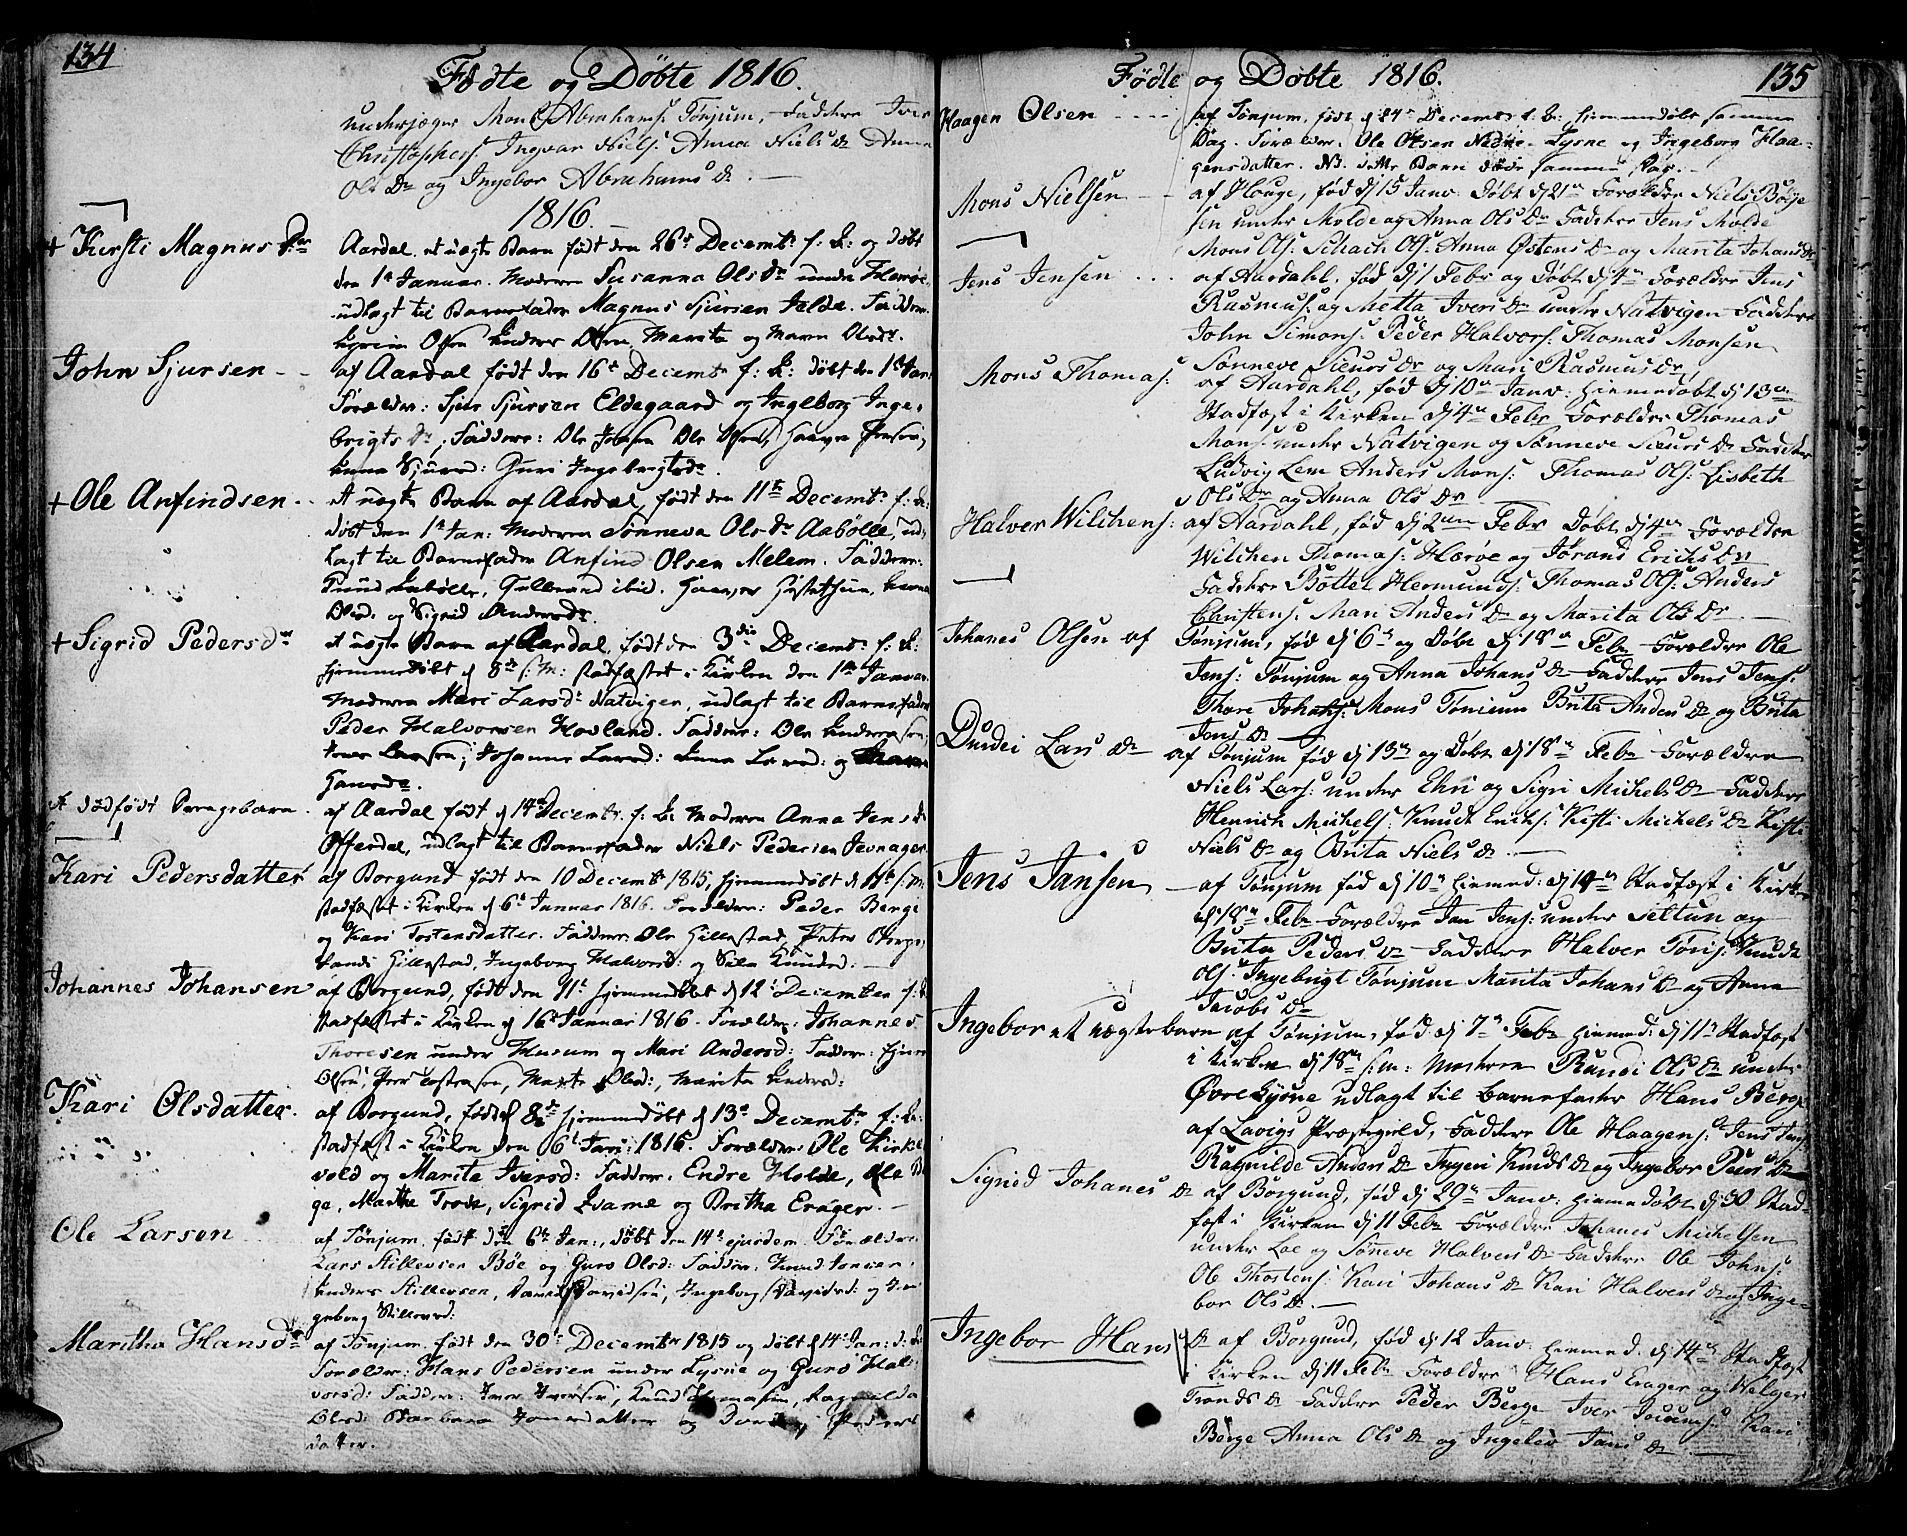 SAB, Lærdal sokneprestembete, Ministerialbok nr. A 4, 1805-1821, s. 134-135